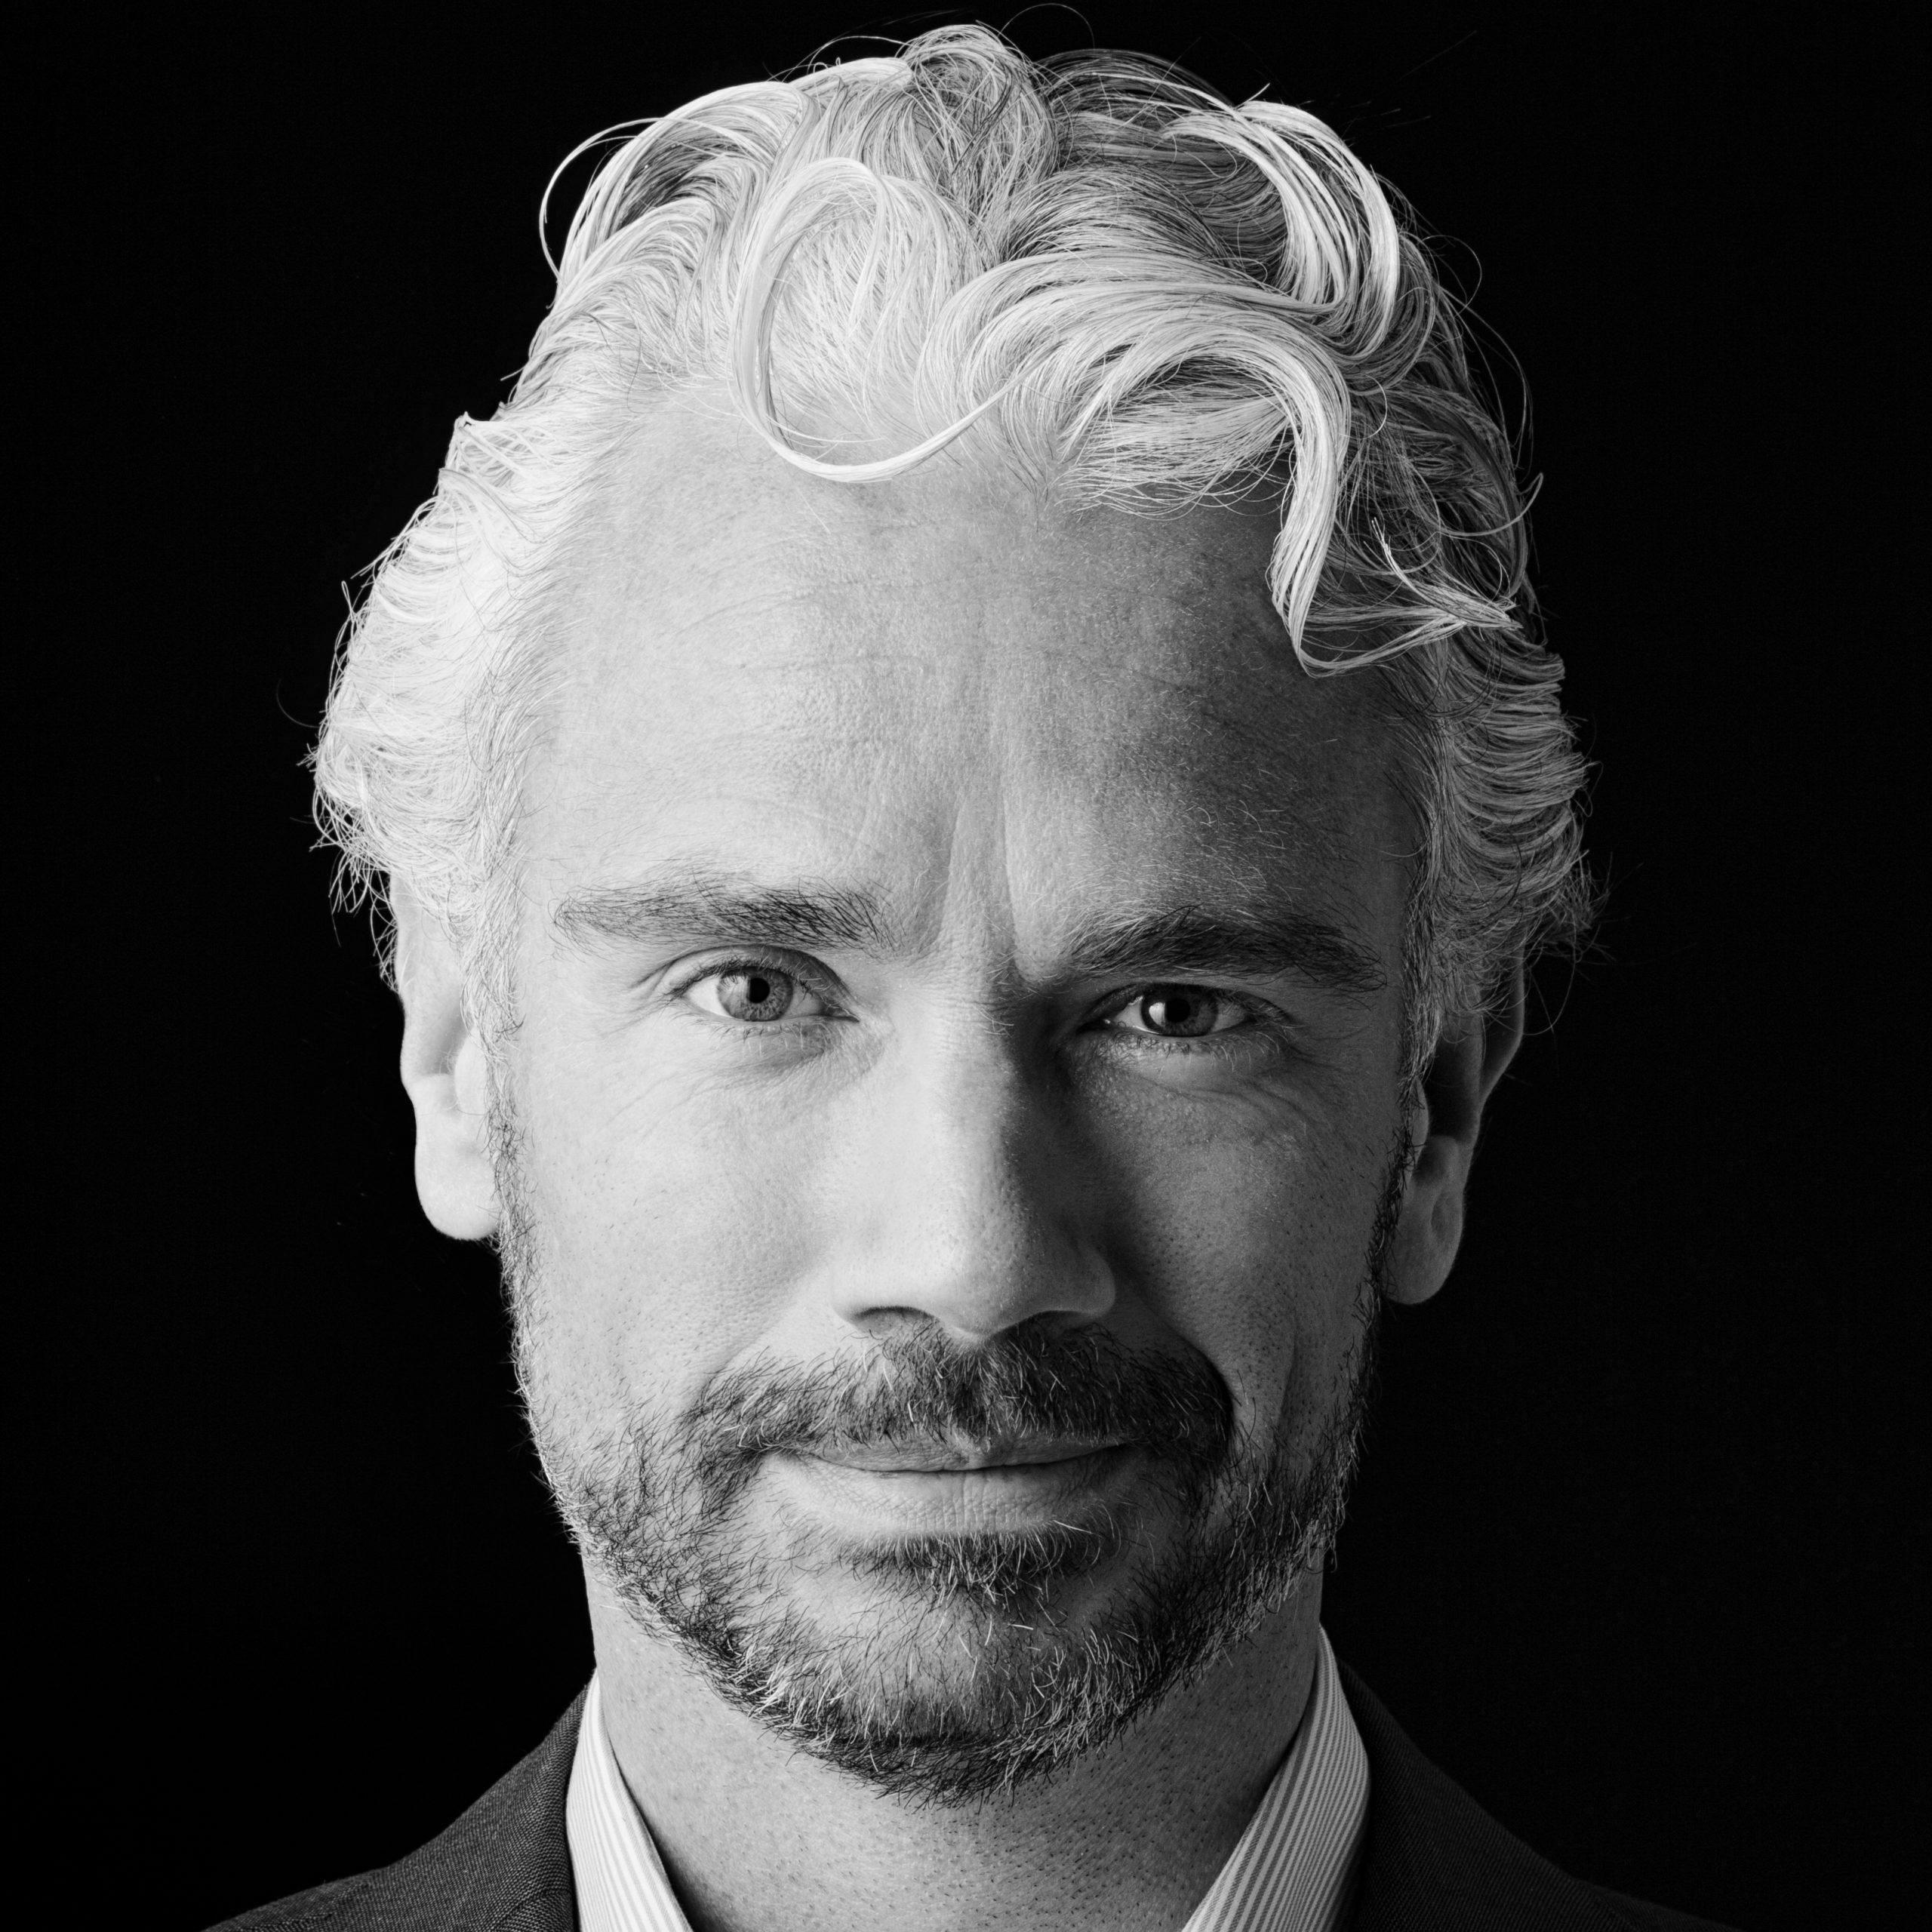 Paul van der Rijt